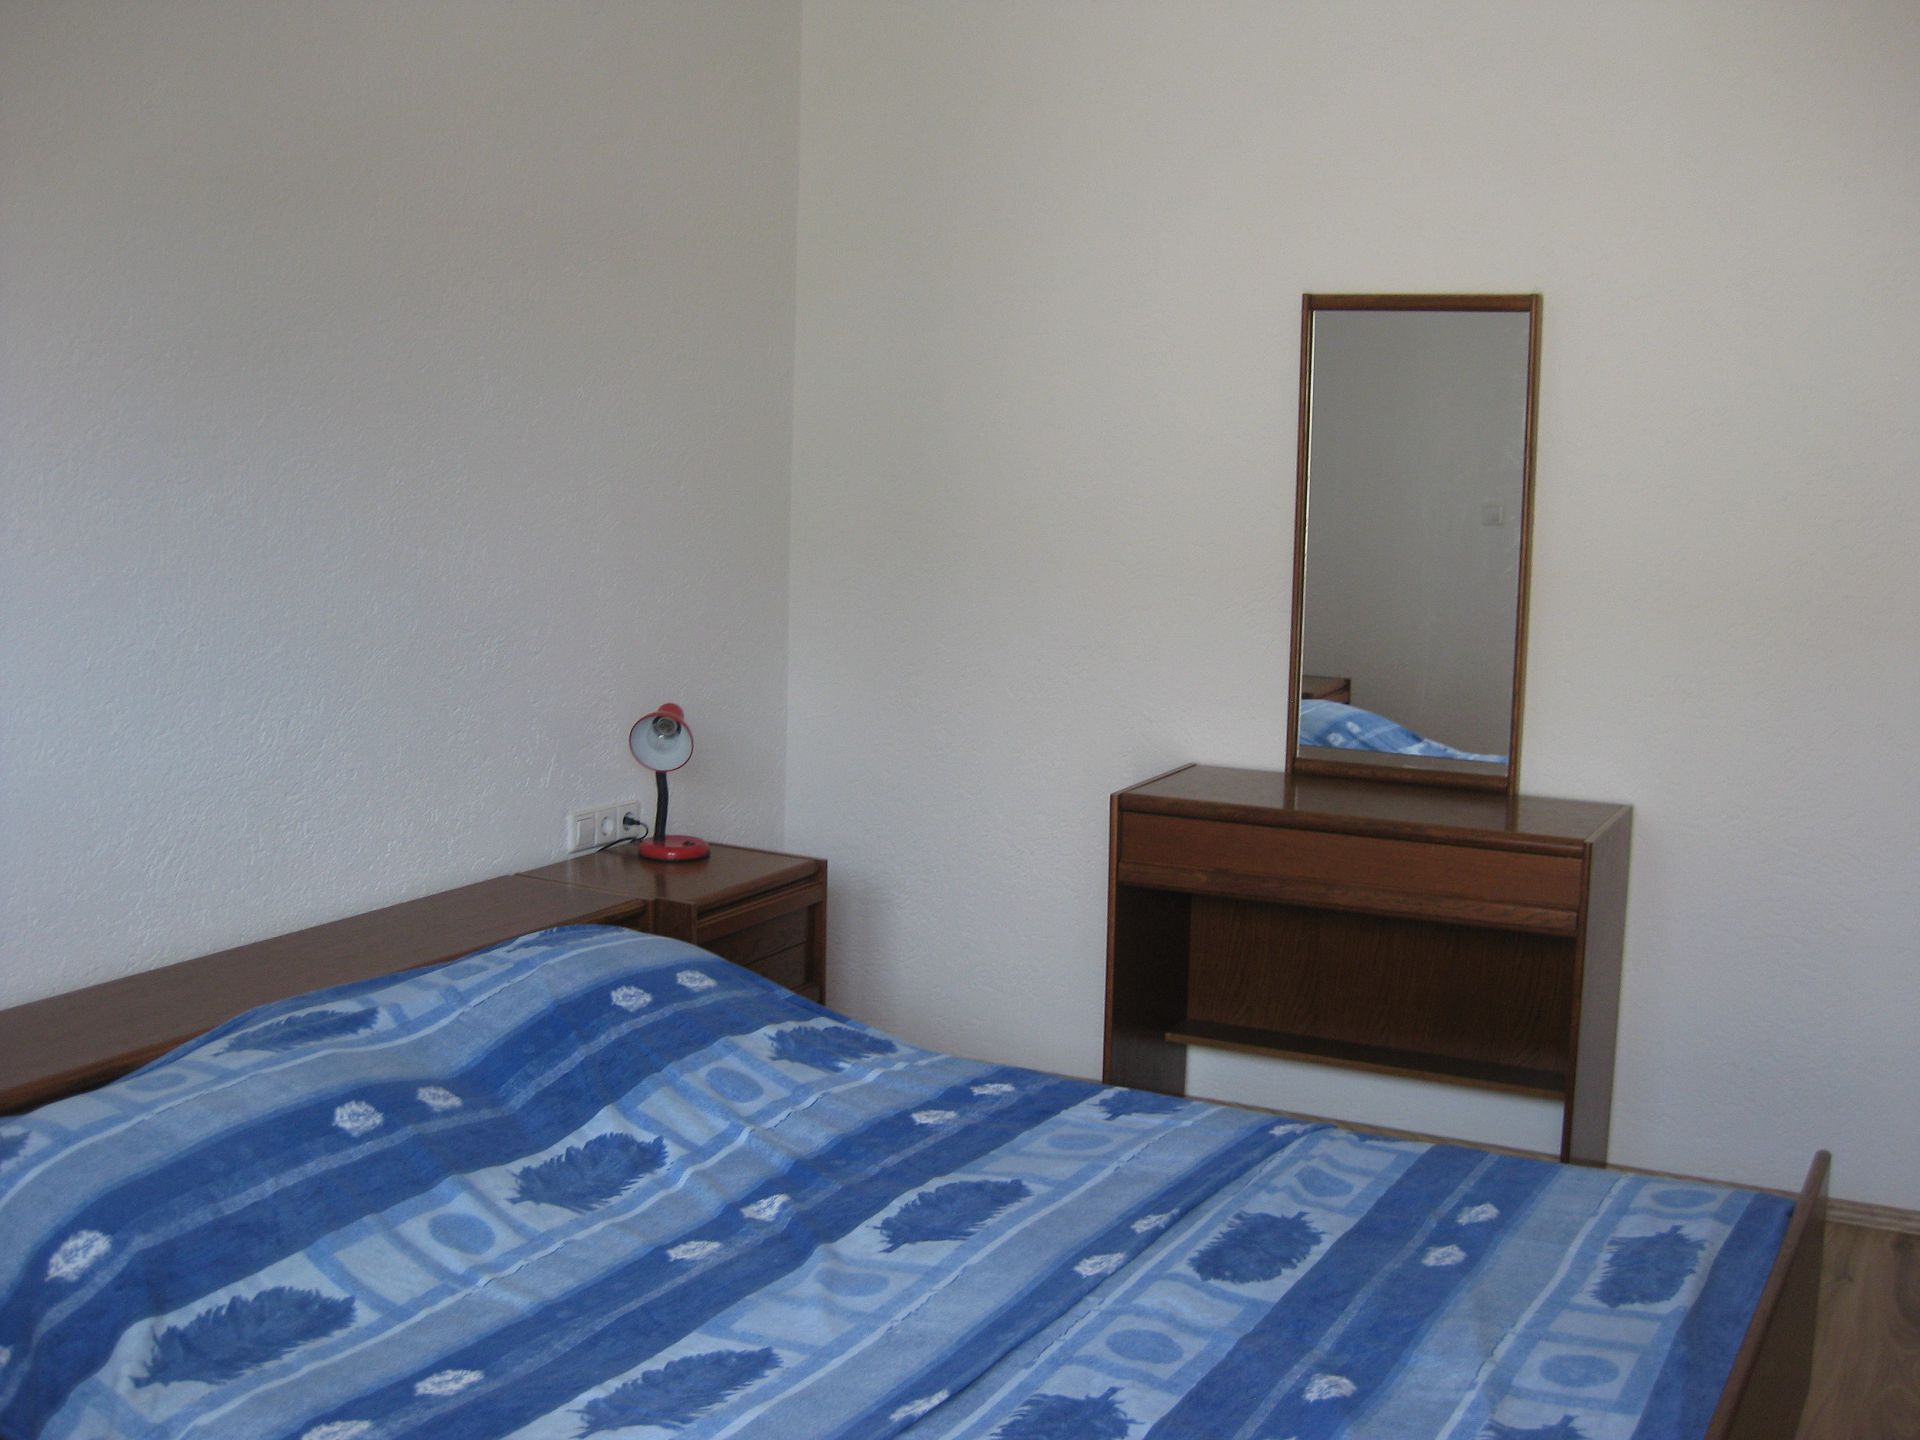 35306 - Okrug Gornji - Appartamenti Croazia - A2(4+2): la camera da letto